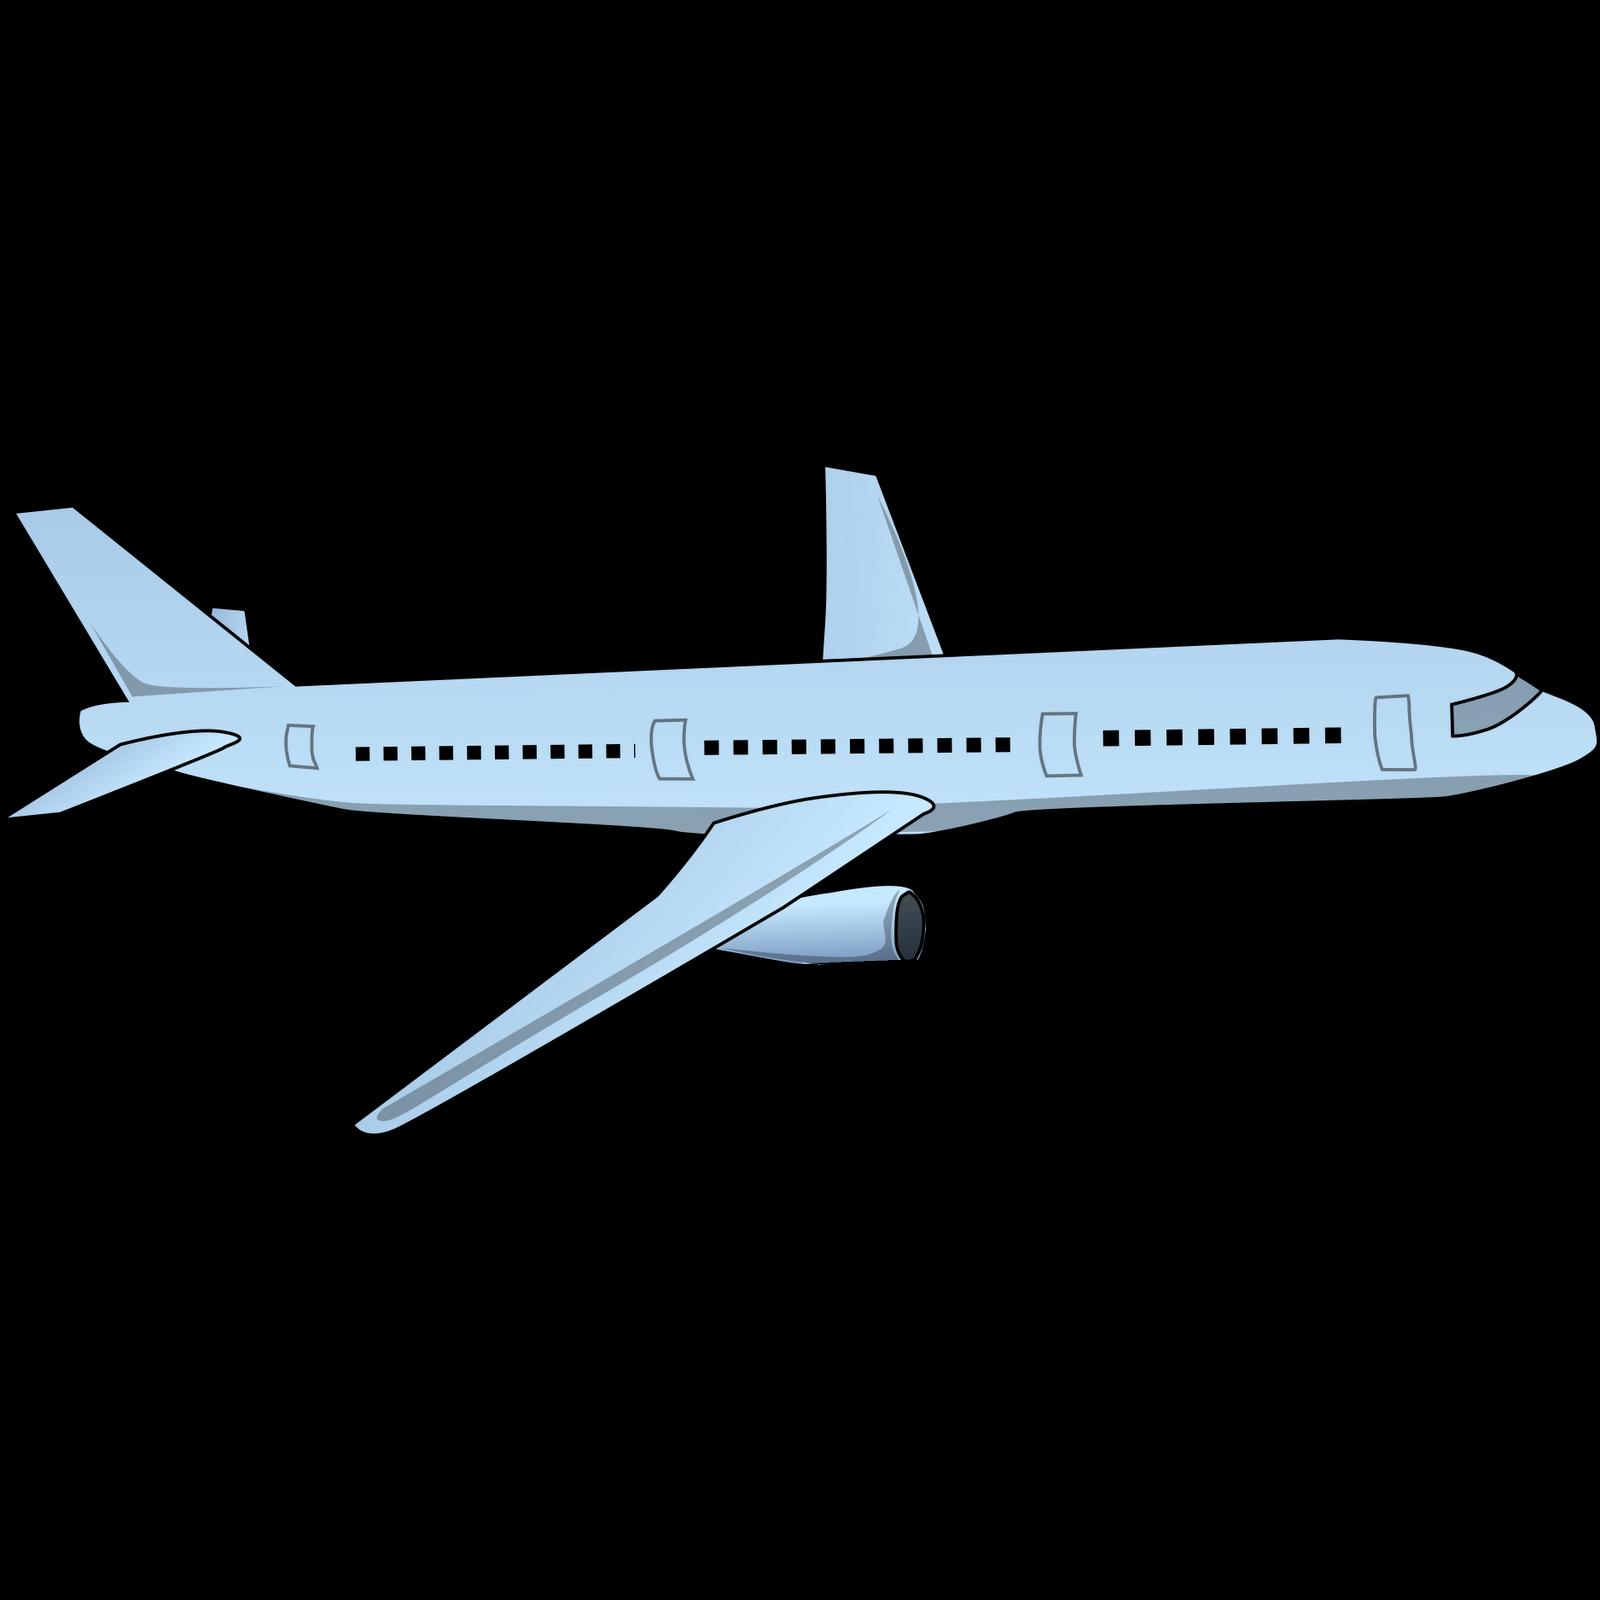 Harga Tiket Pesawat Online Citilink Tiket